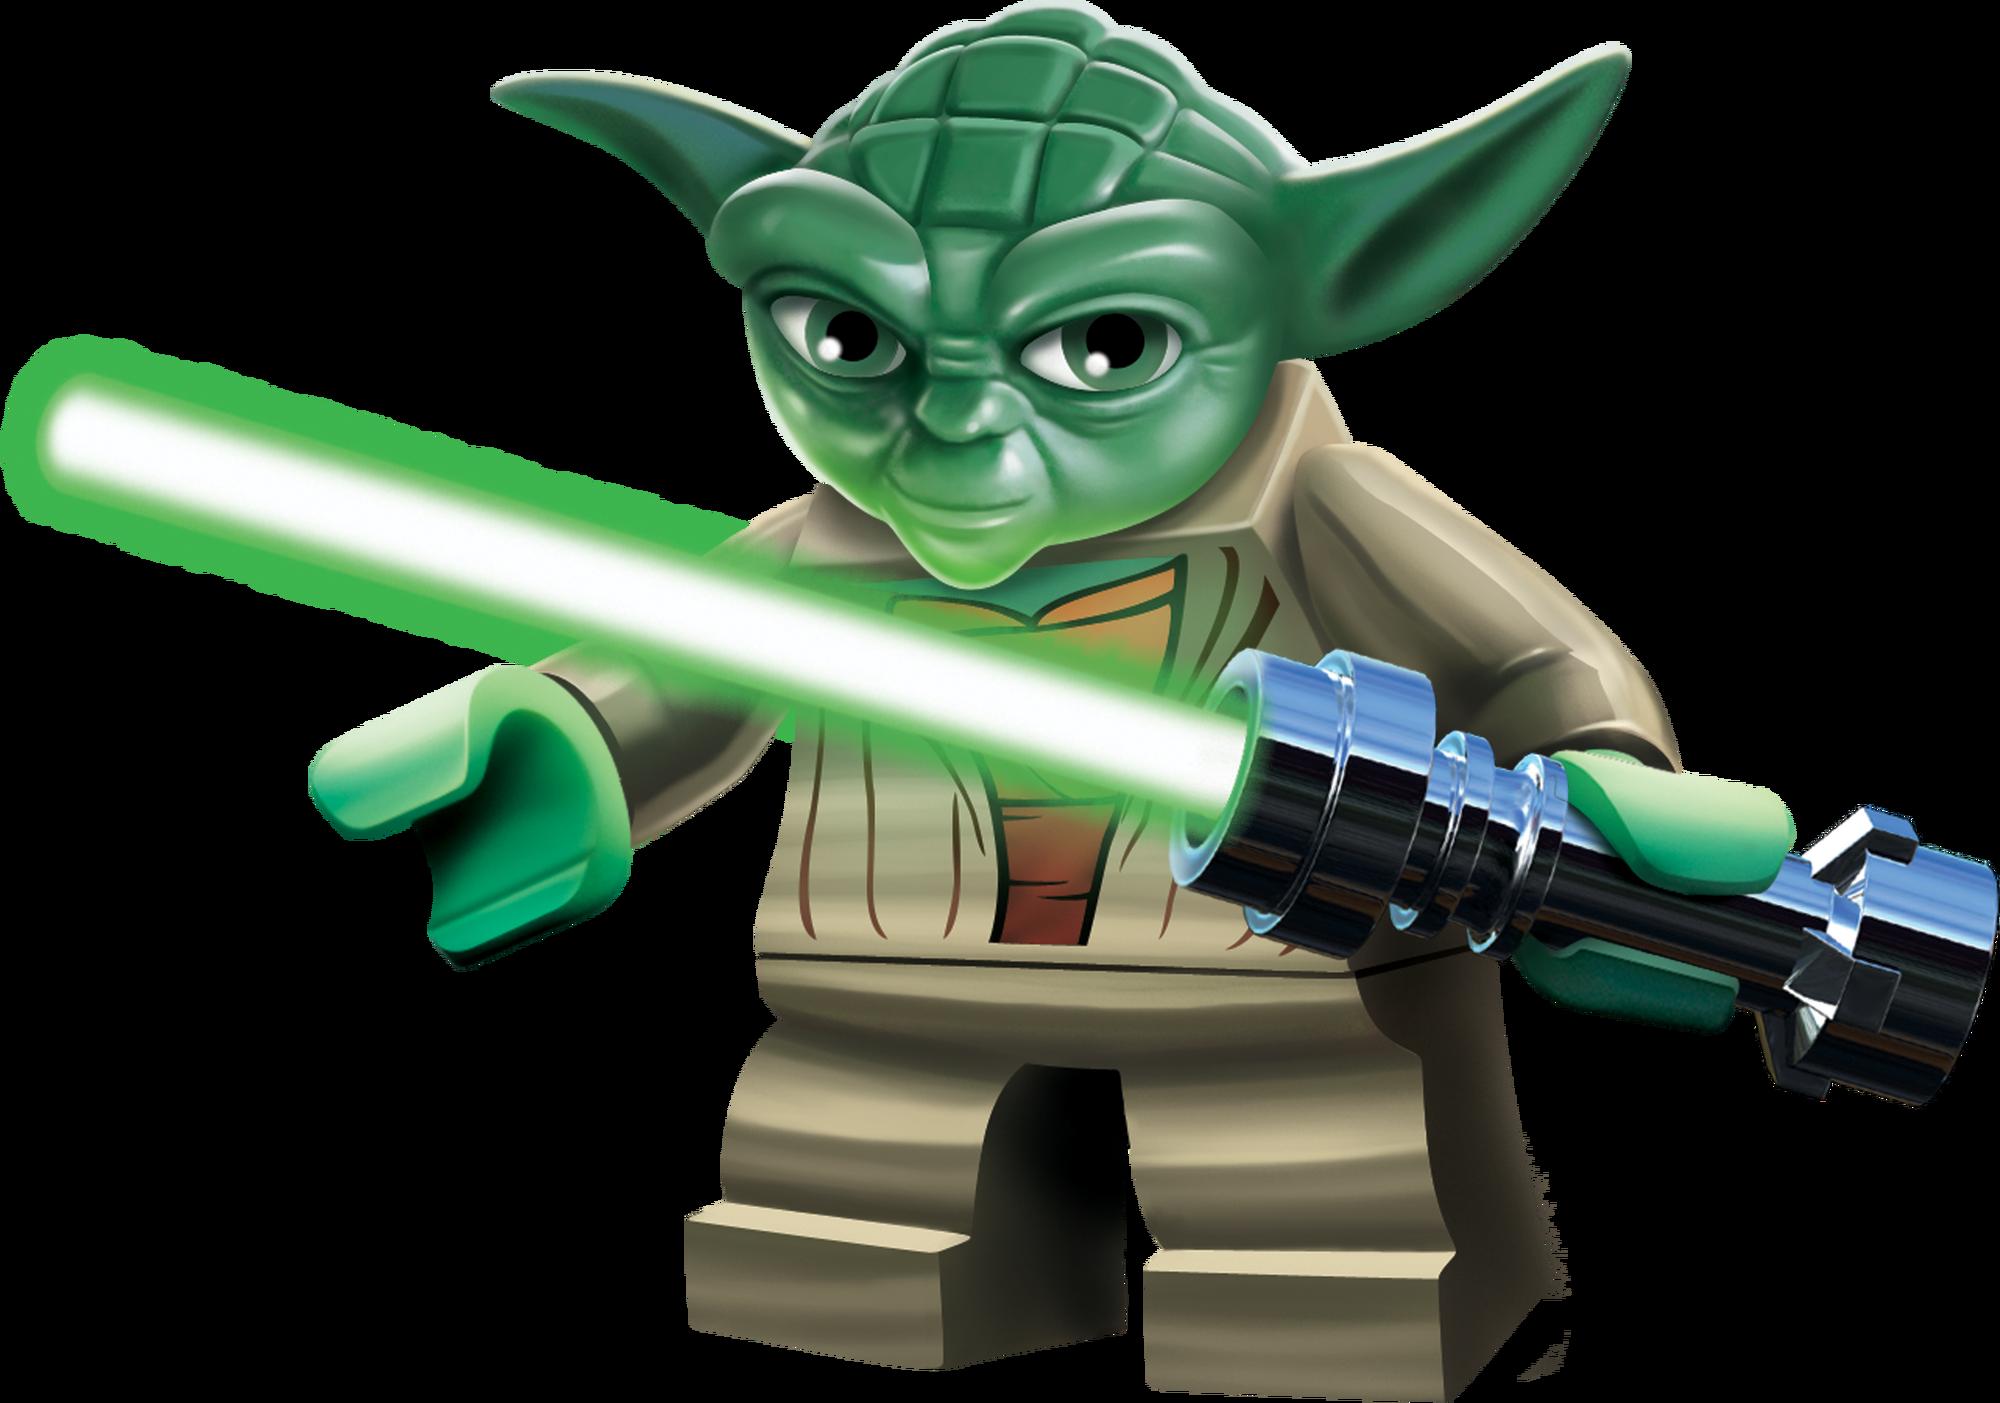 yoda  lego star wars wiki  fandom poweredwikia